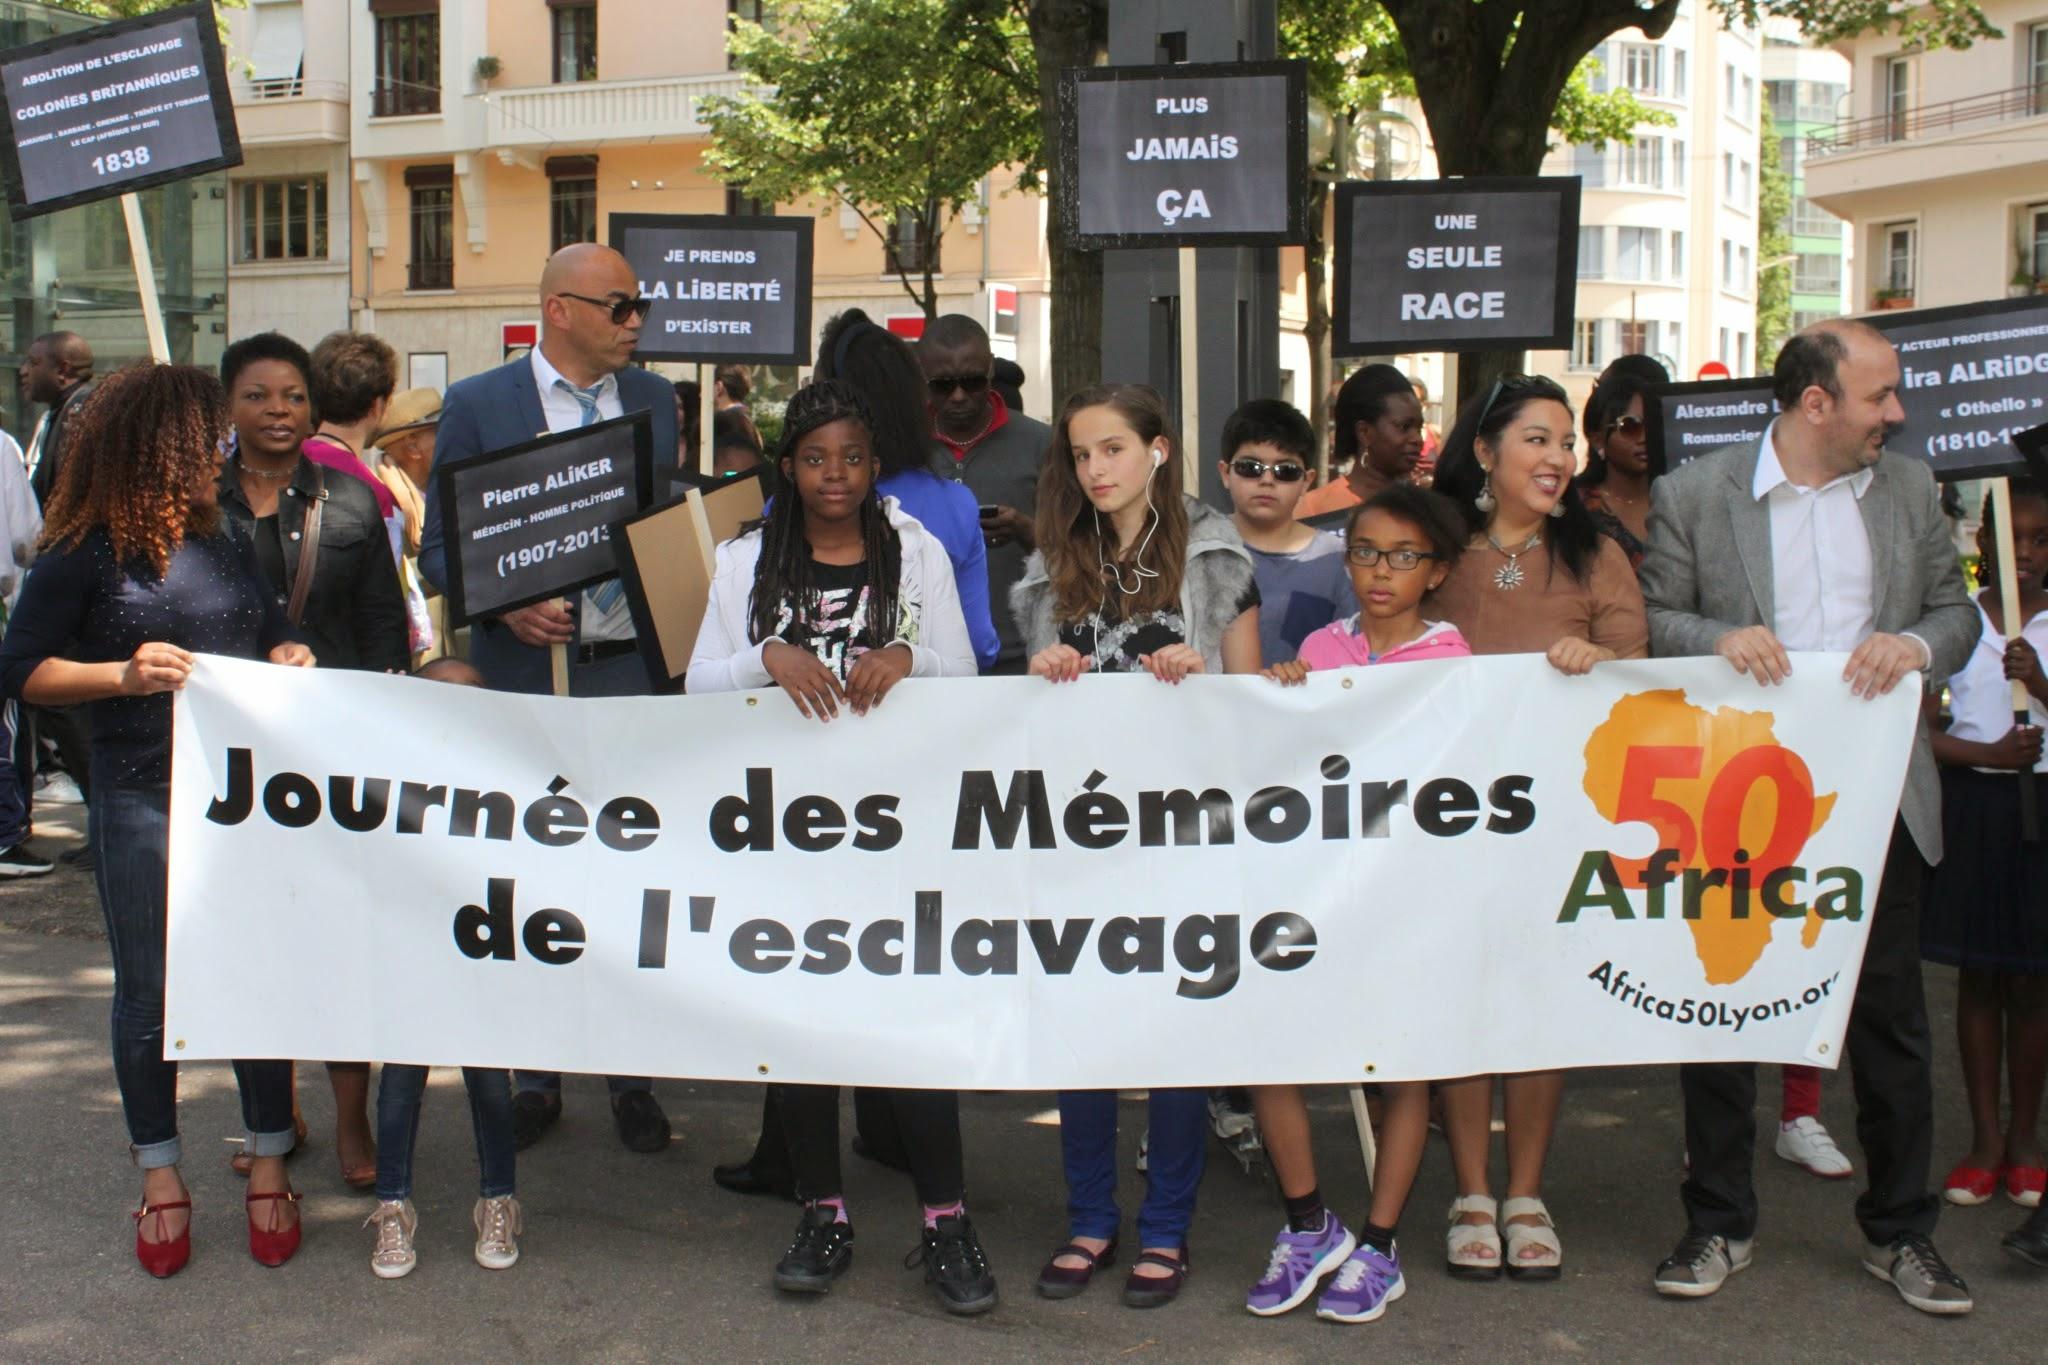 Journée Commémoration abolition esclavage 2015